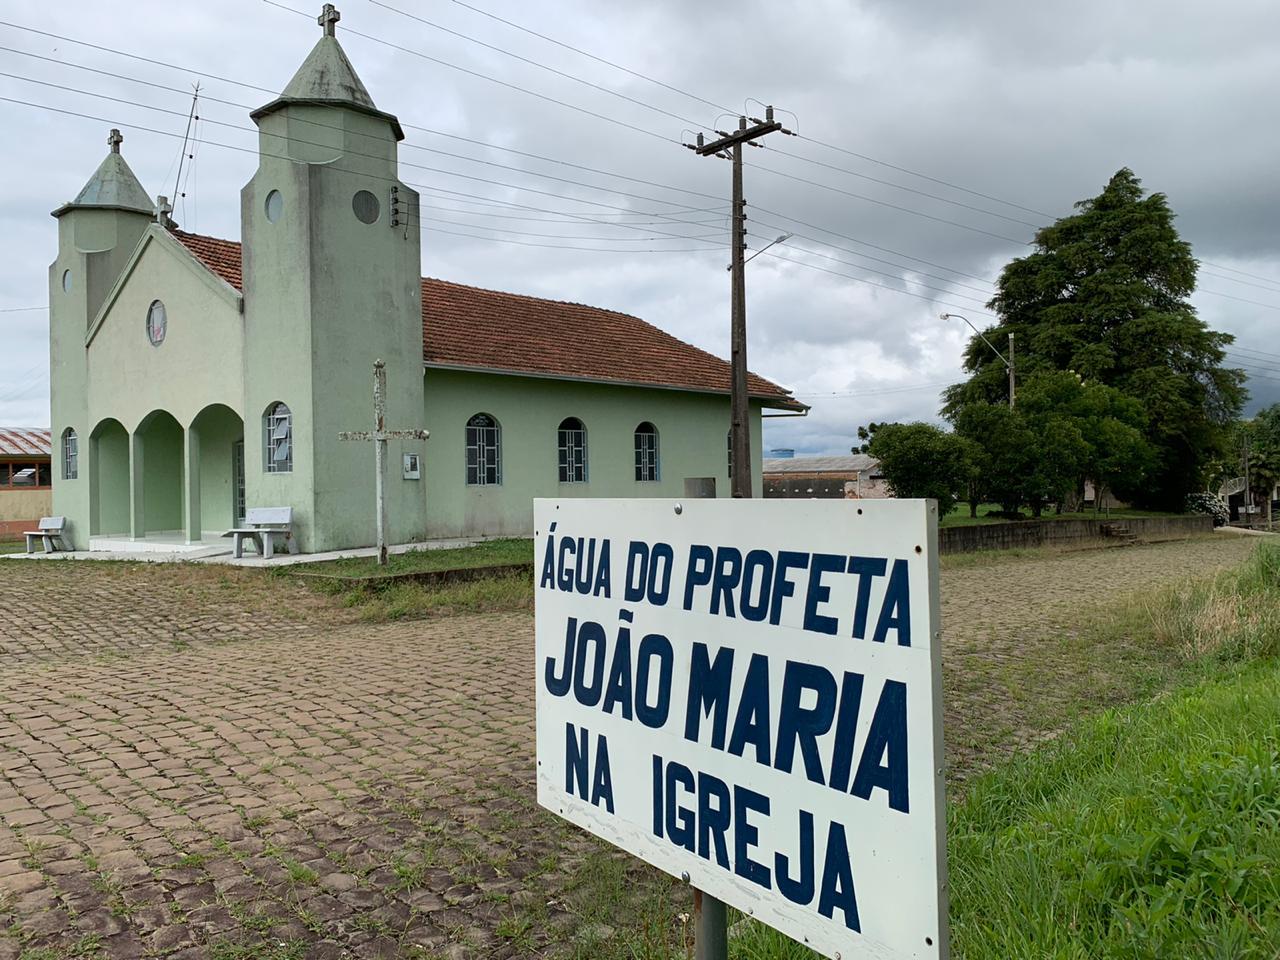 foto mostra a igreja onde o profeta João Maria atuava